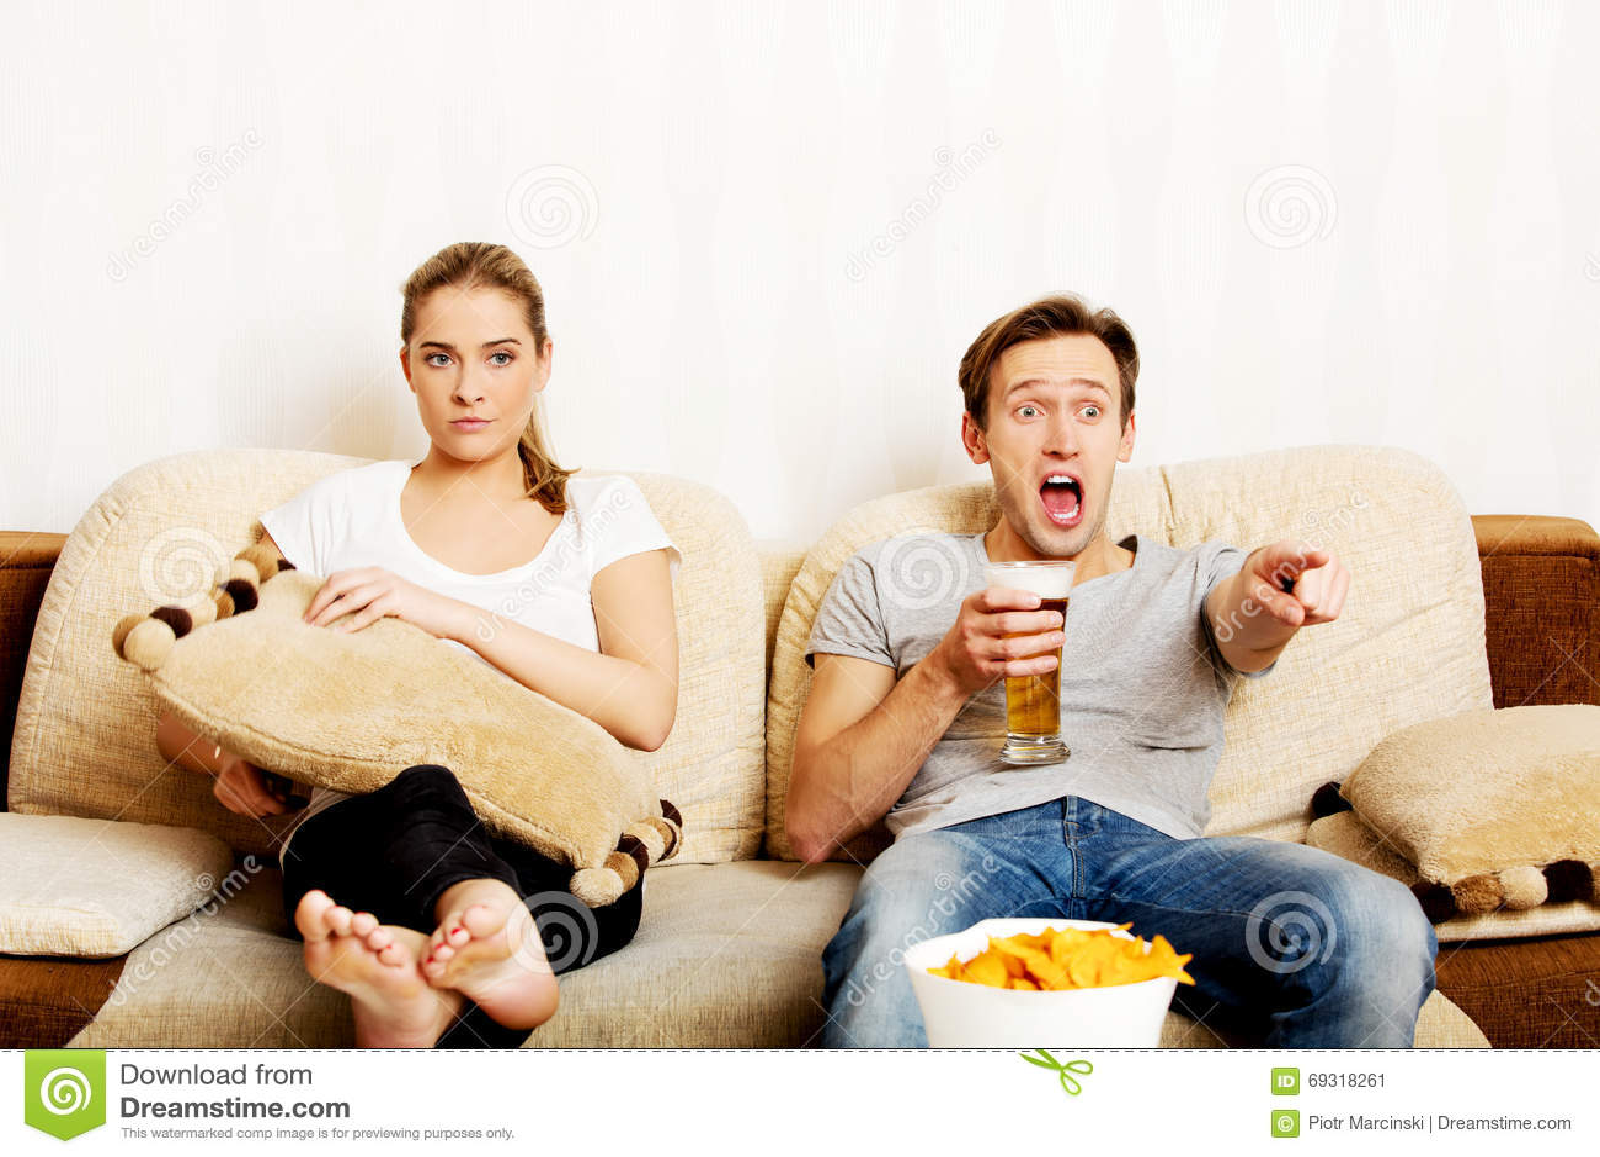 Women seeking women while man watches